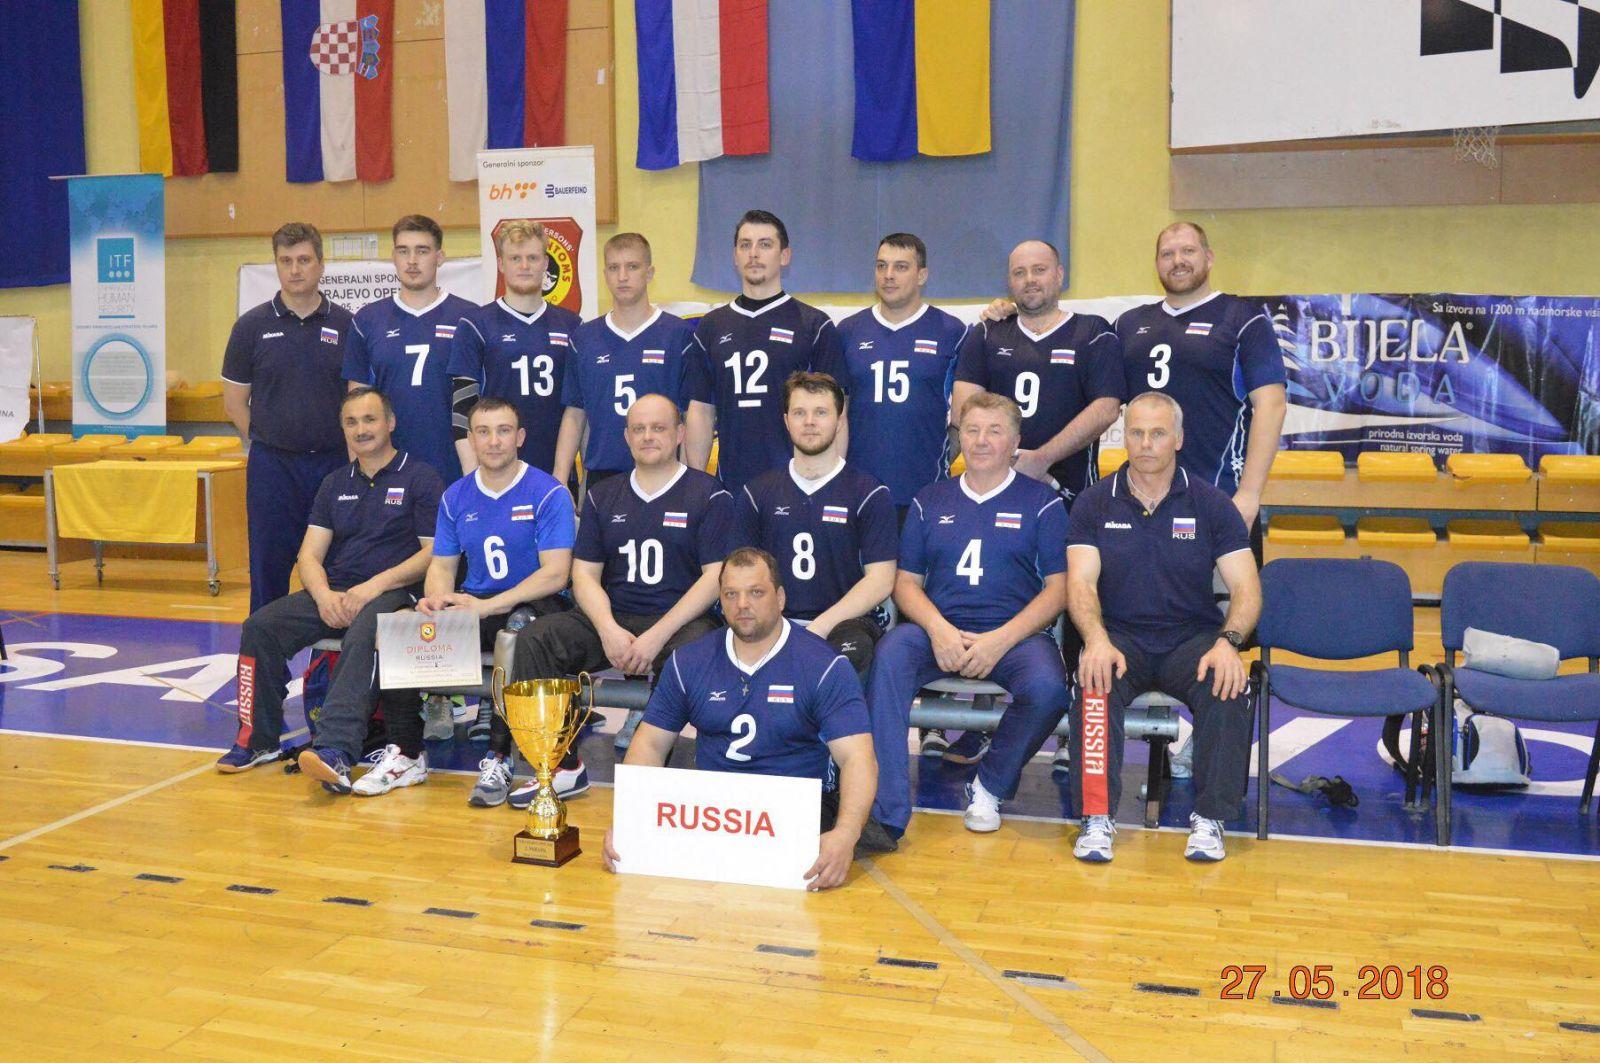 Мужская сборная команда России по волейболу сидя стала серебряным призером международного турнира Sarajevo Open 2018